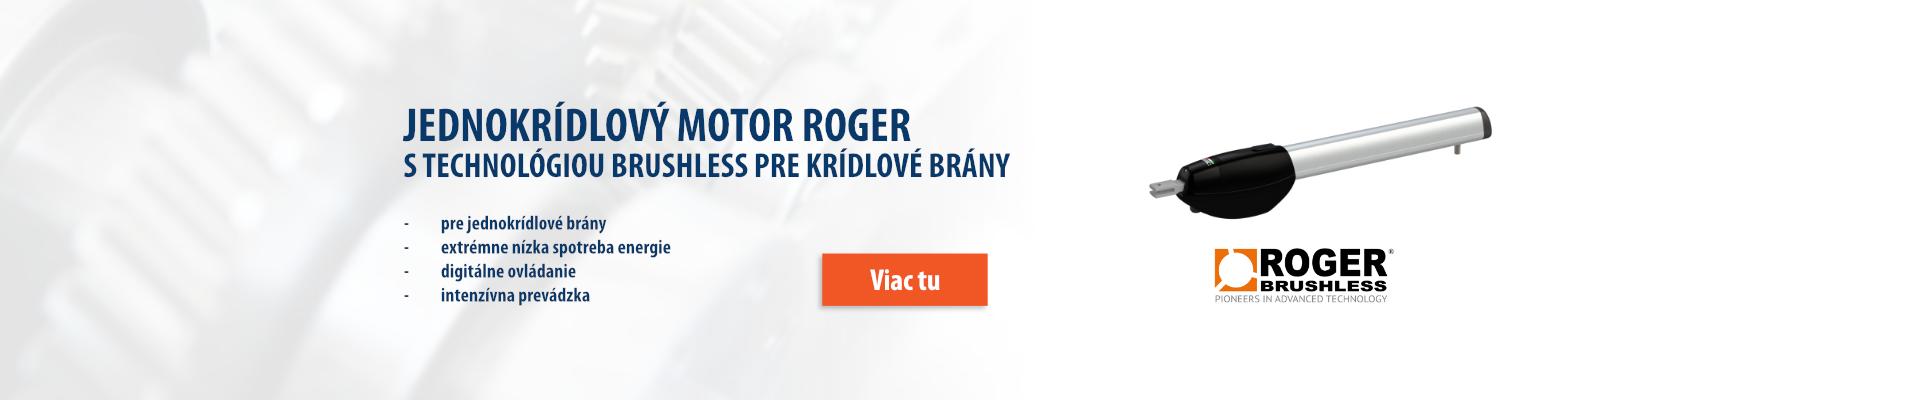 Banner - banner_jednokridlovy_motor_roger_sk-1562848665.png